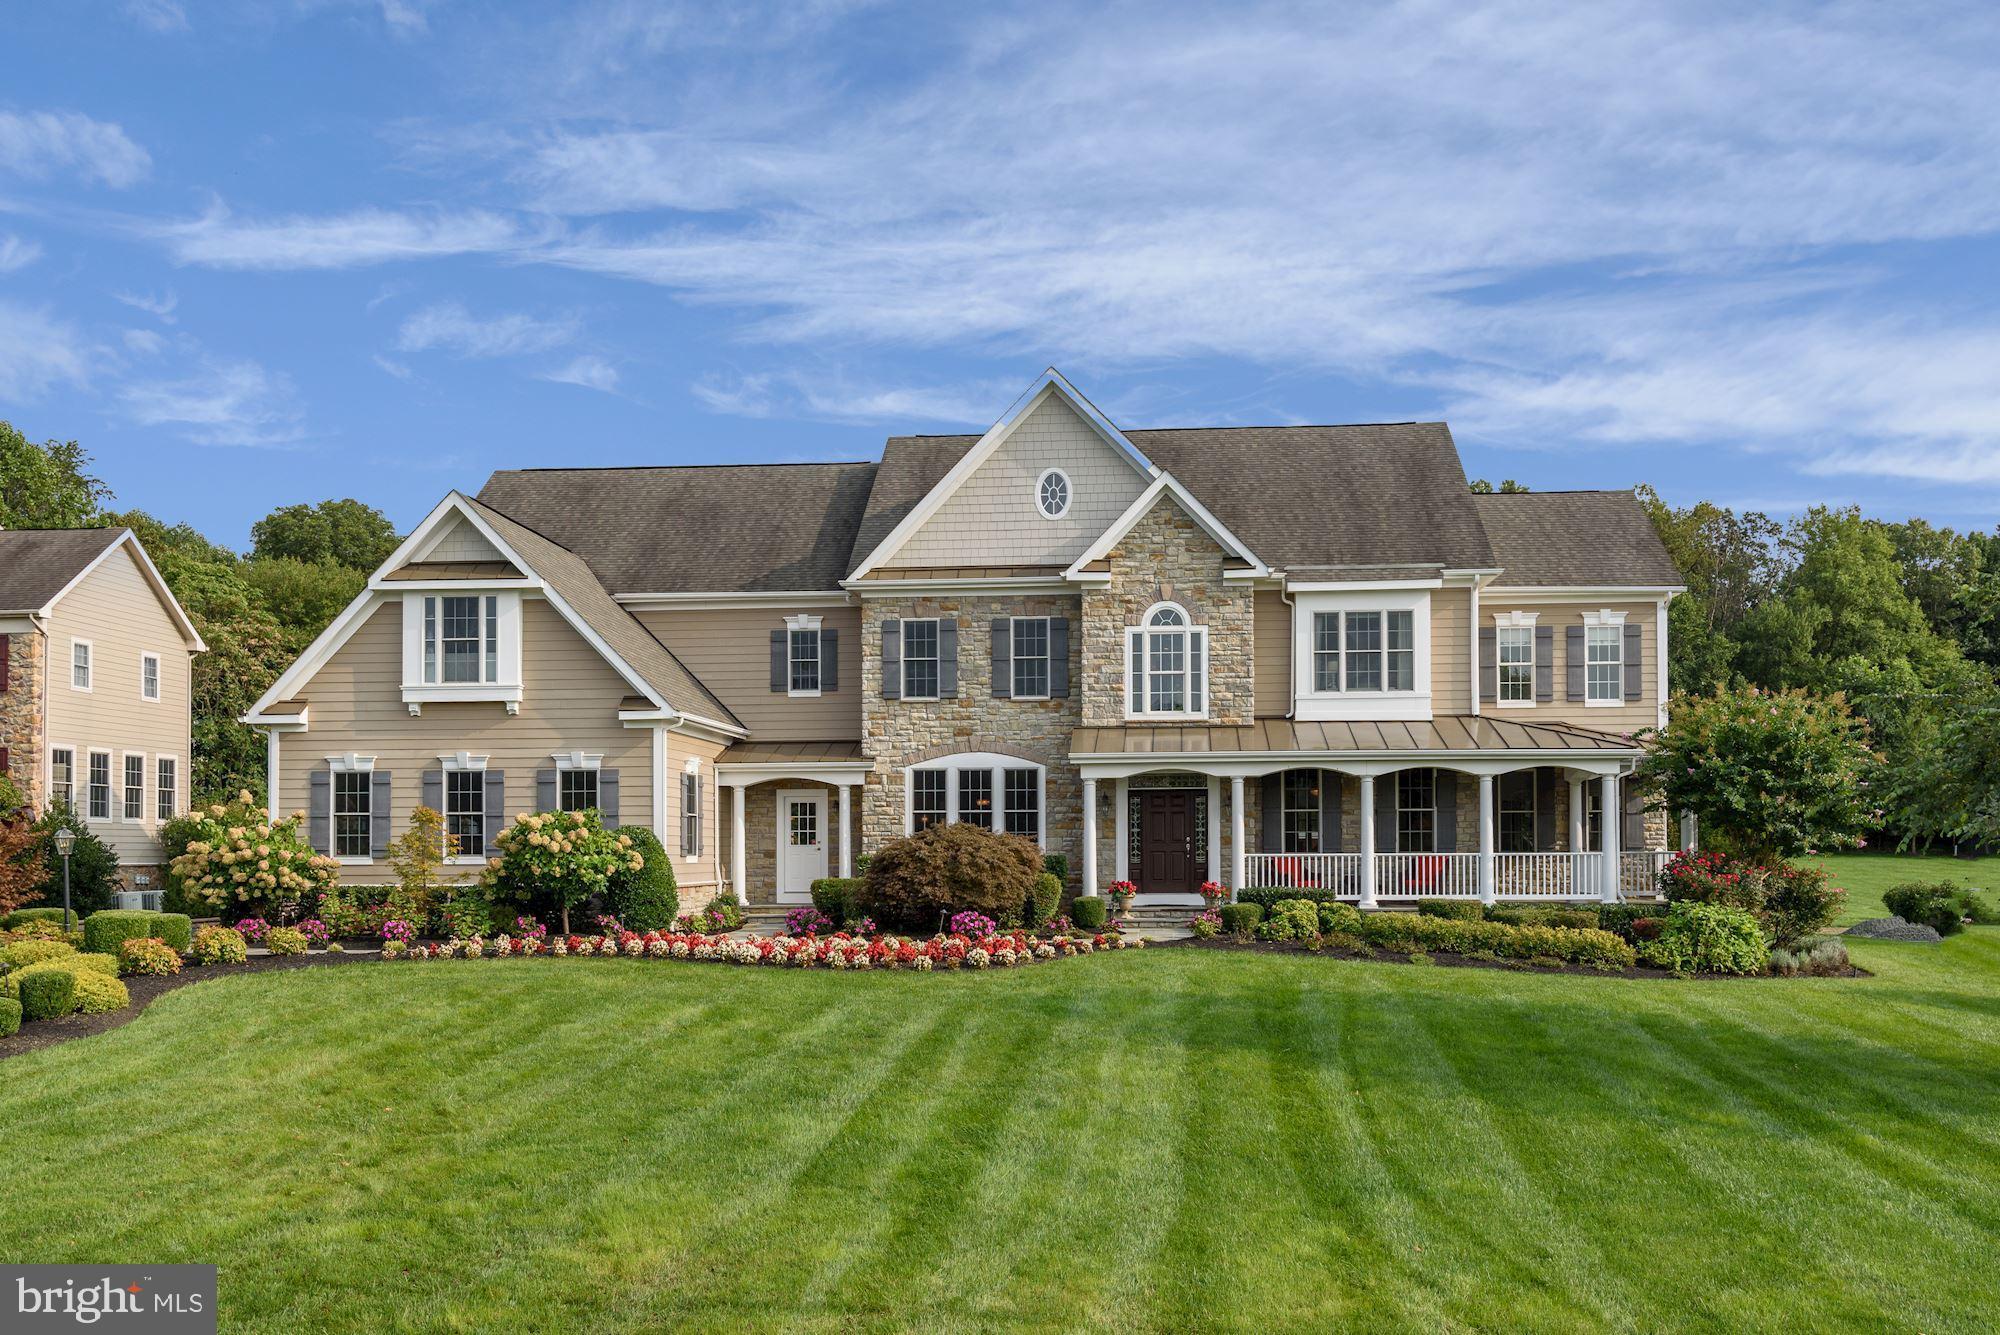 14319 Roxbury Meadow Dr, Glenwood, MD, 21738